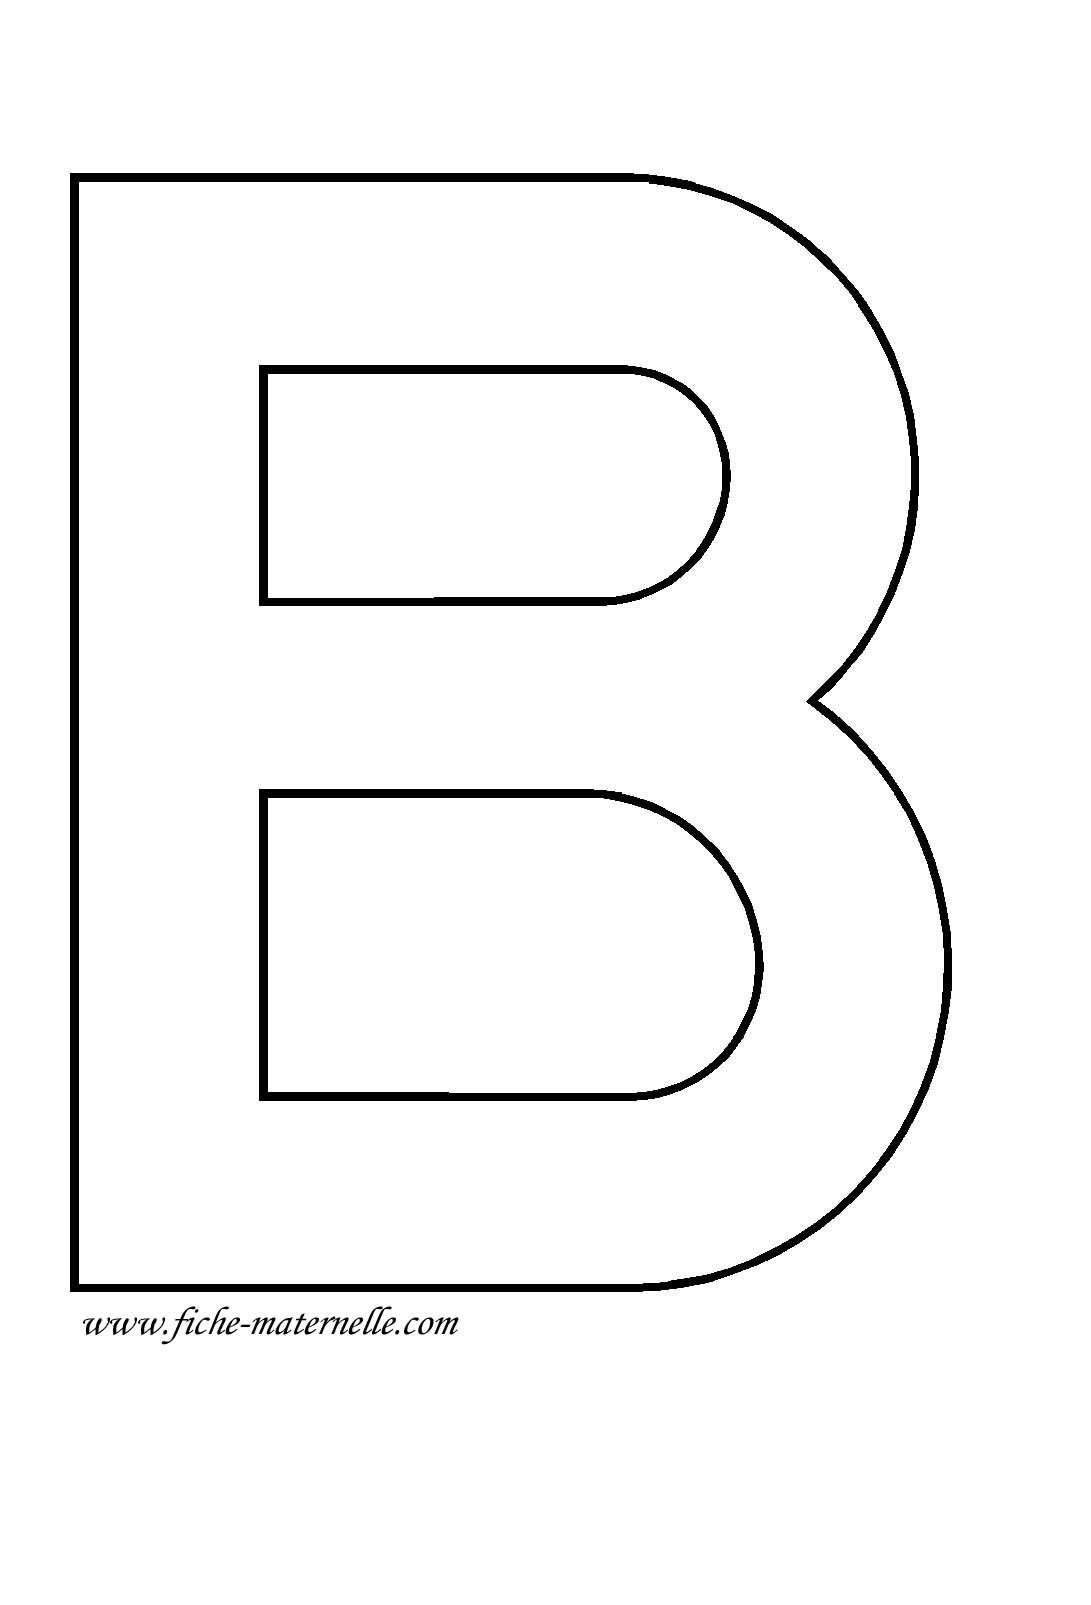 Coloriage Lettre De L 39 Alphabet A Imprimer Gratuit